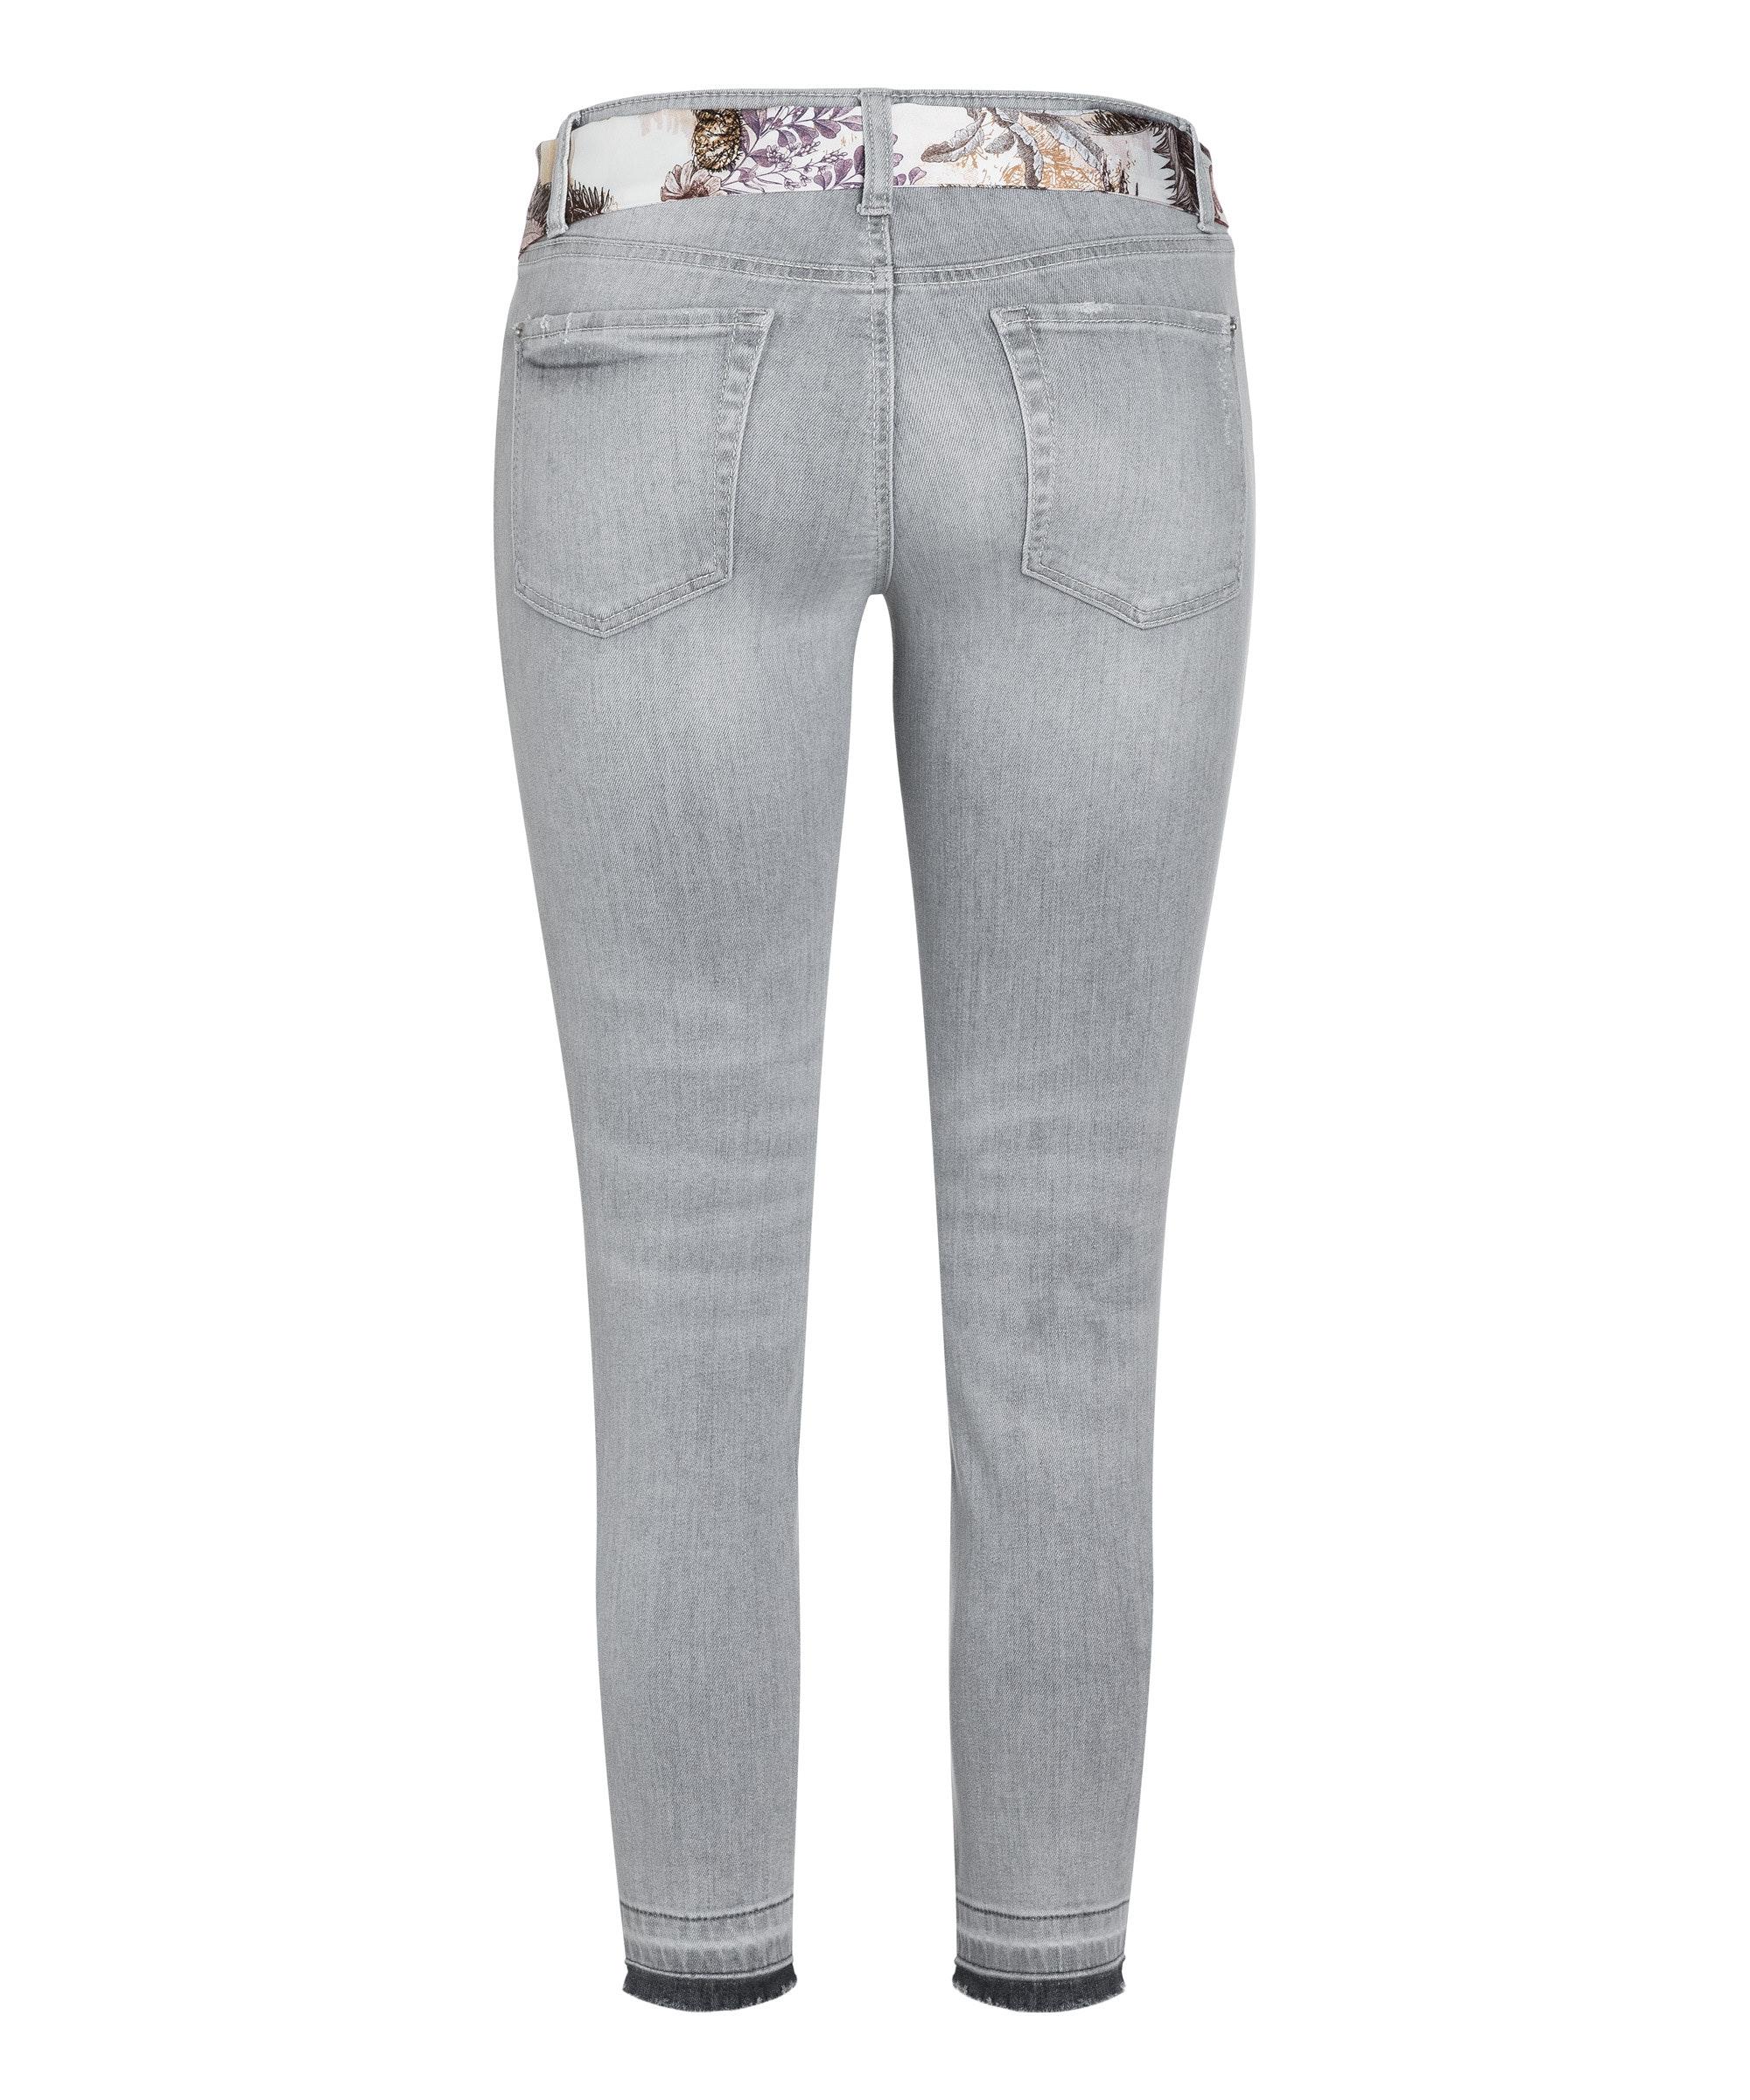 Cambio Jeans Liu short SUMMER GREY BACKSIDE OPEN HEM